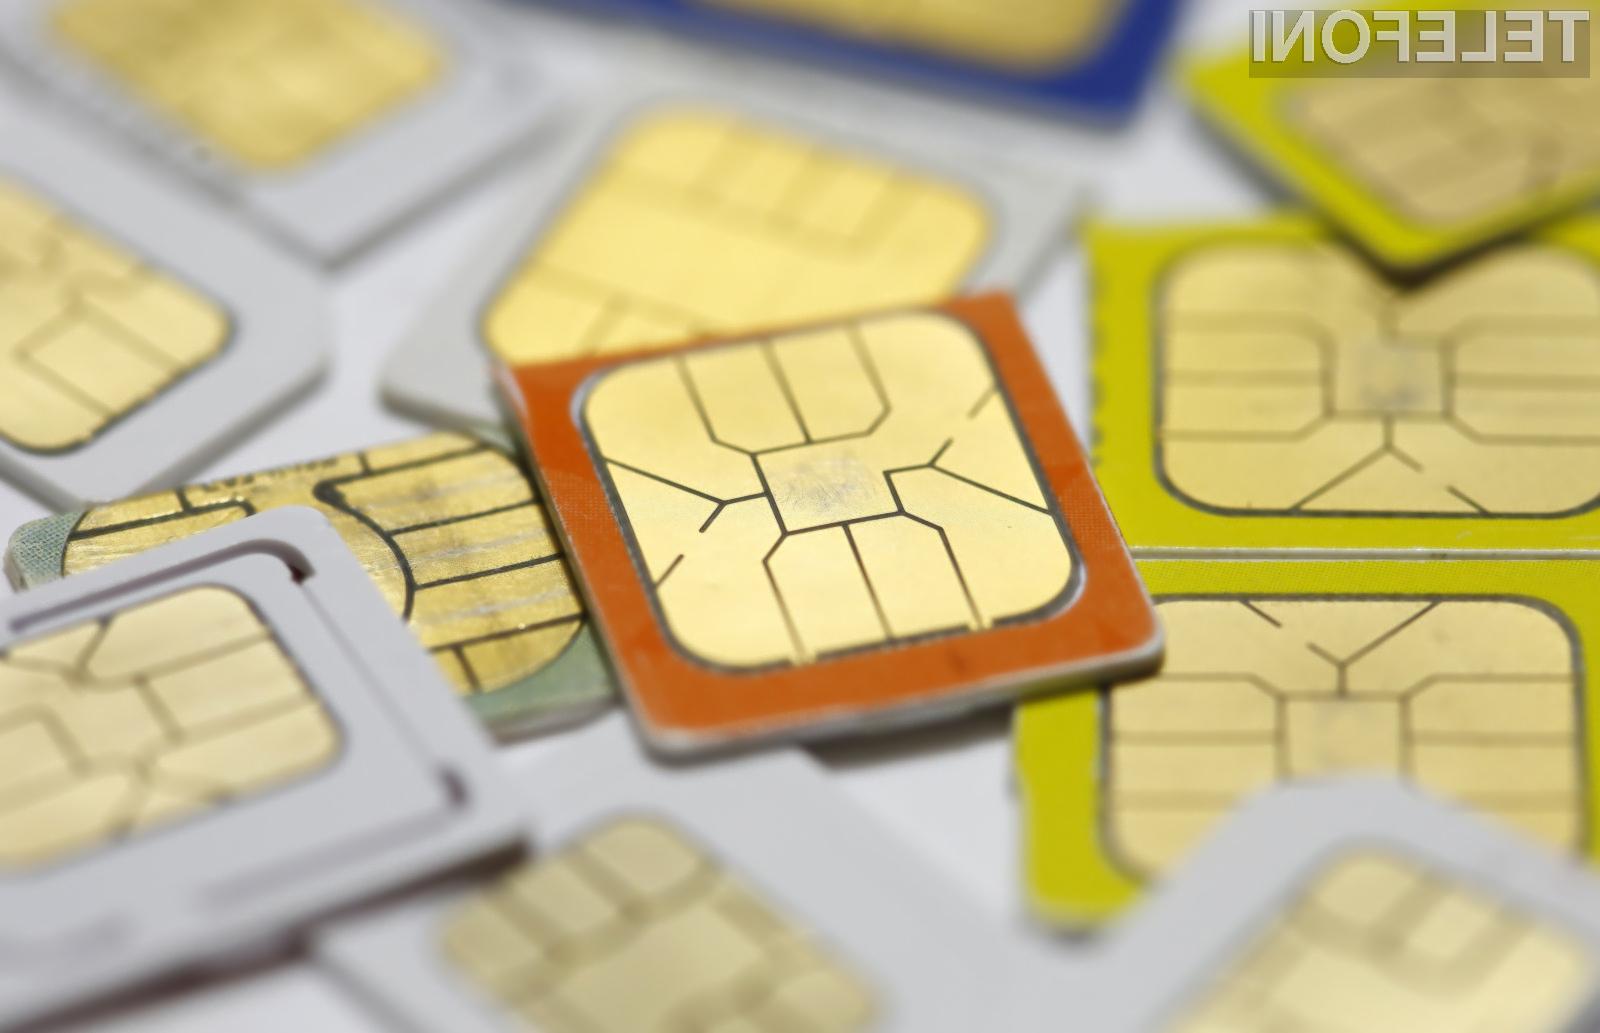 Trenutno še ni znano, kdaj se bo nadaljeval razvoj elektronske telefonske kartice SIM.